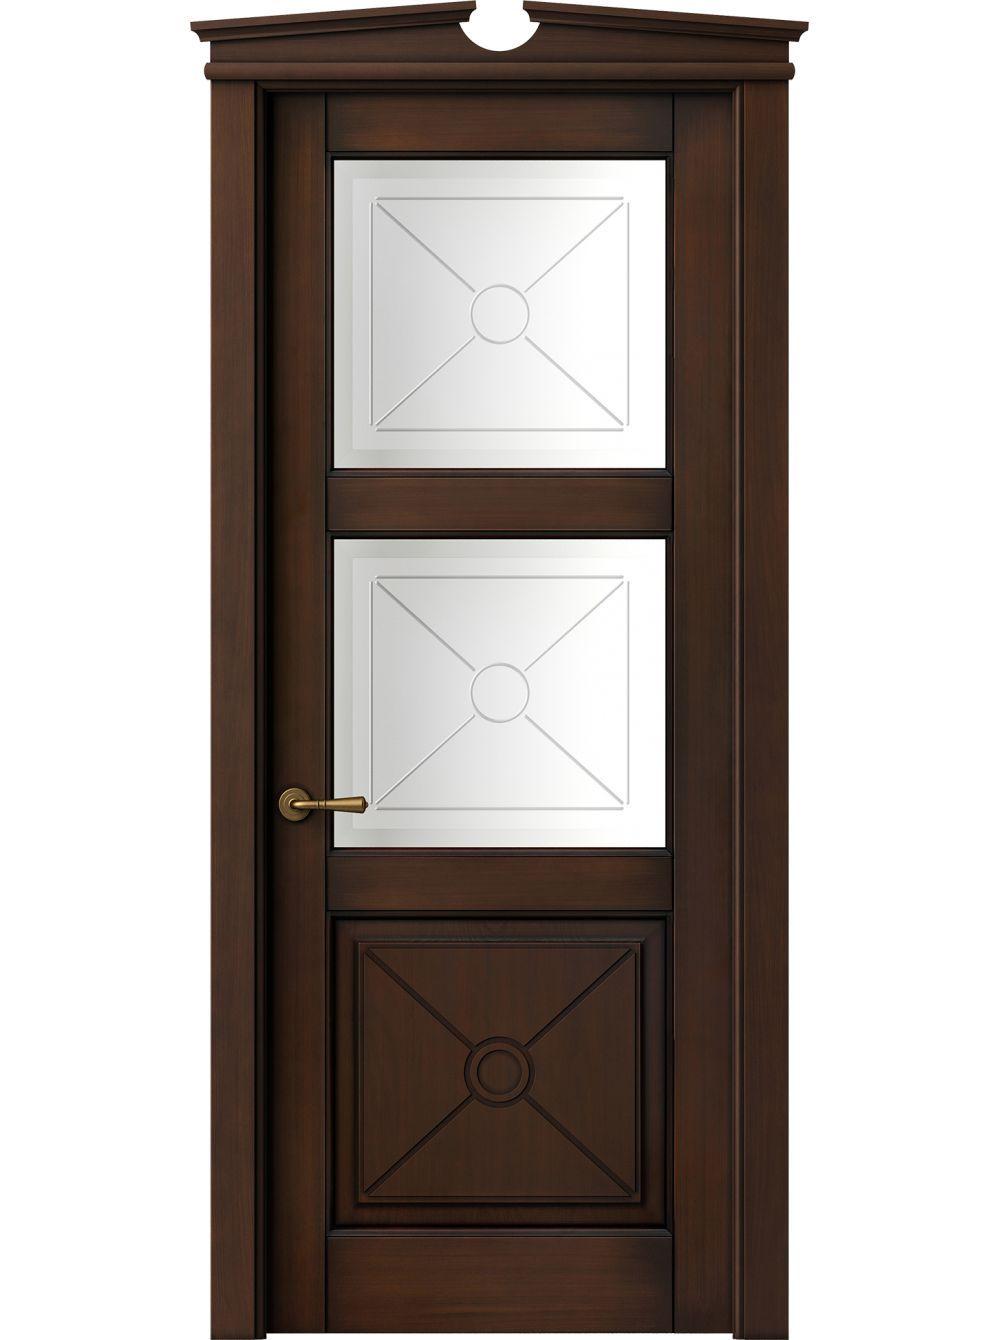 Interior Door tuscan interior doors pictures : Sarto Toscana Litera 6368 Interior Door Beech Dark Patina ...